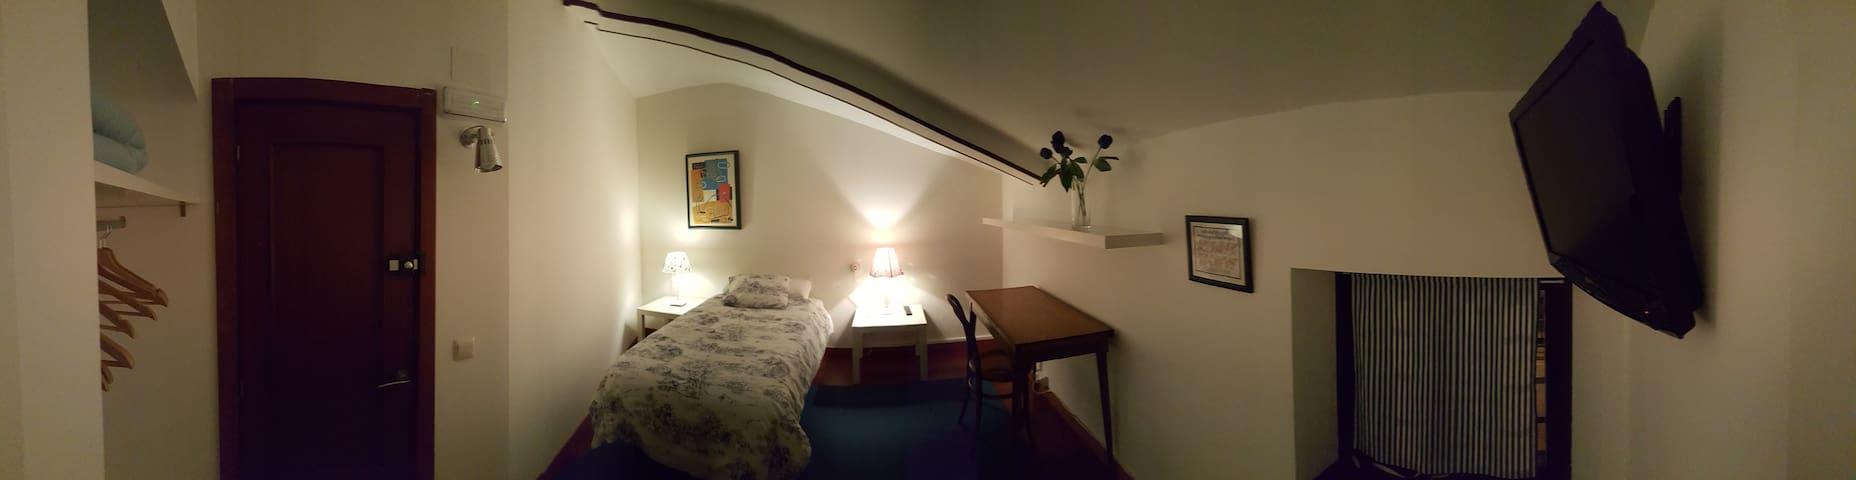 PISO- cuatro habitaciones con baño. - Zuera - Penzion (B&B)